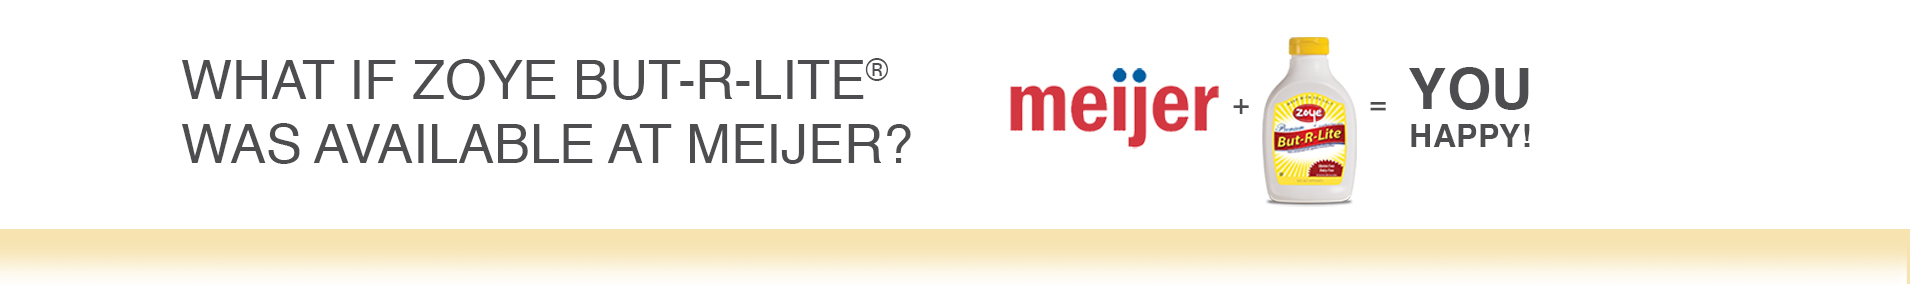 Meijer But-R-Lite survey